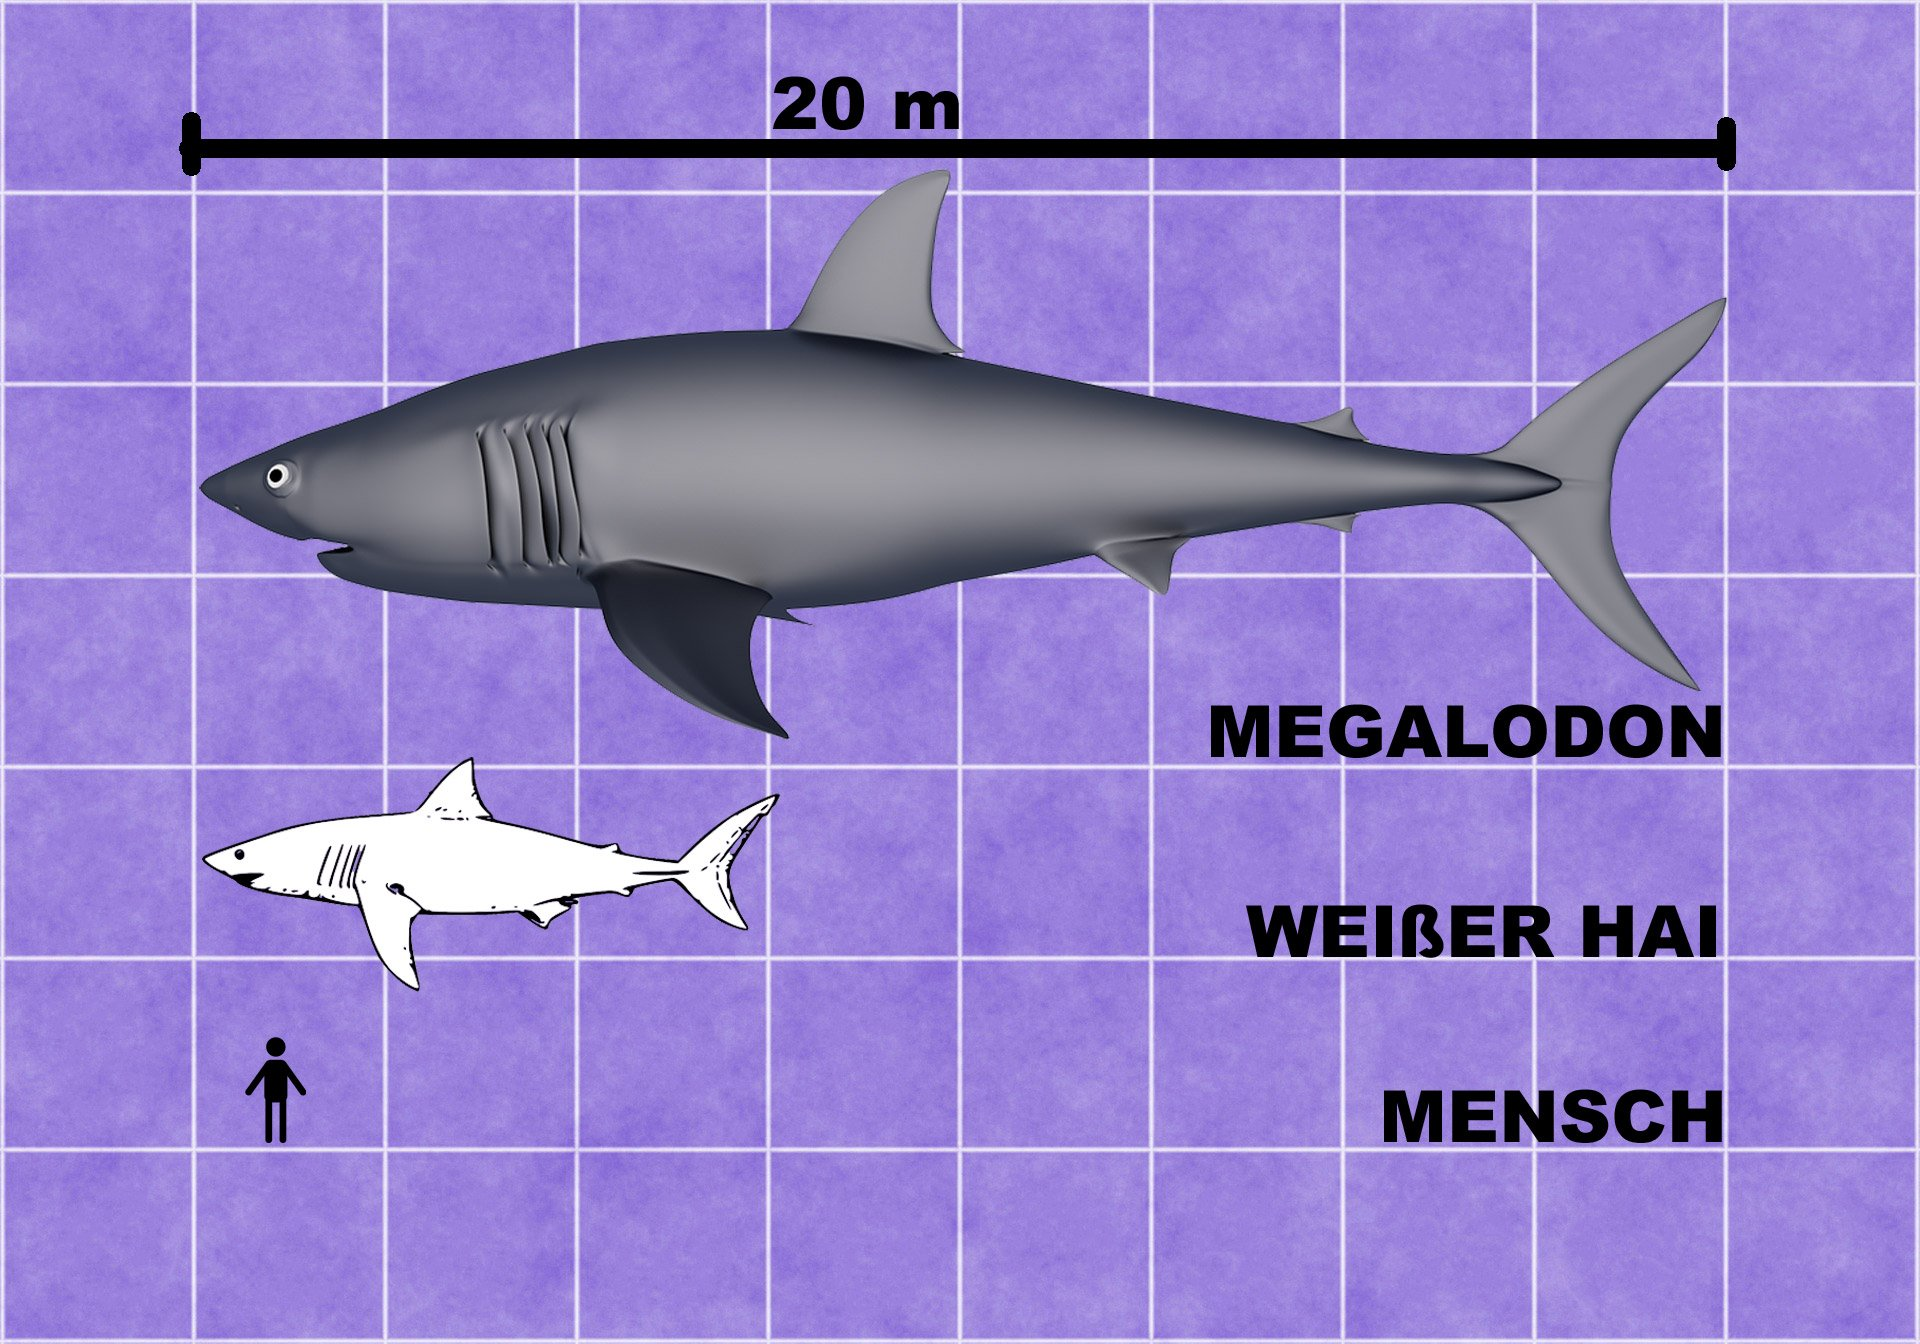 Megadolon Größenvergleich Mensch Weißer Hai